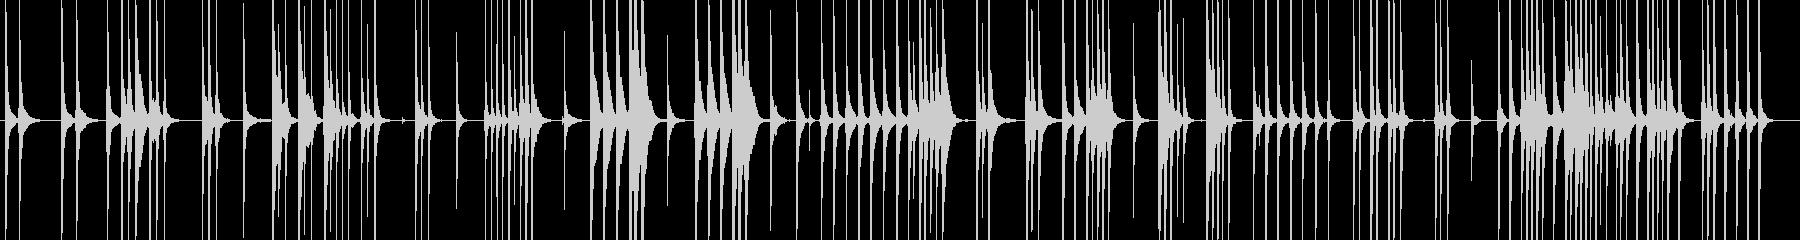 三味線116連獅子9楽歌舞伎生音和風親子の未再生の波形